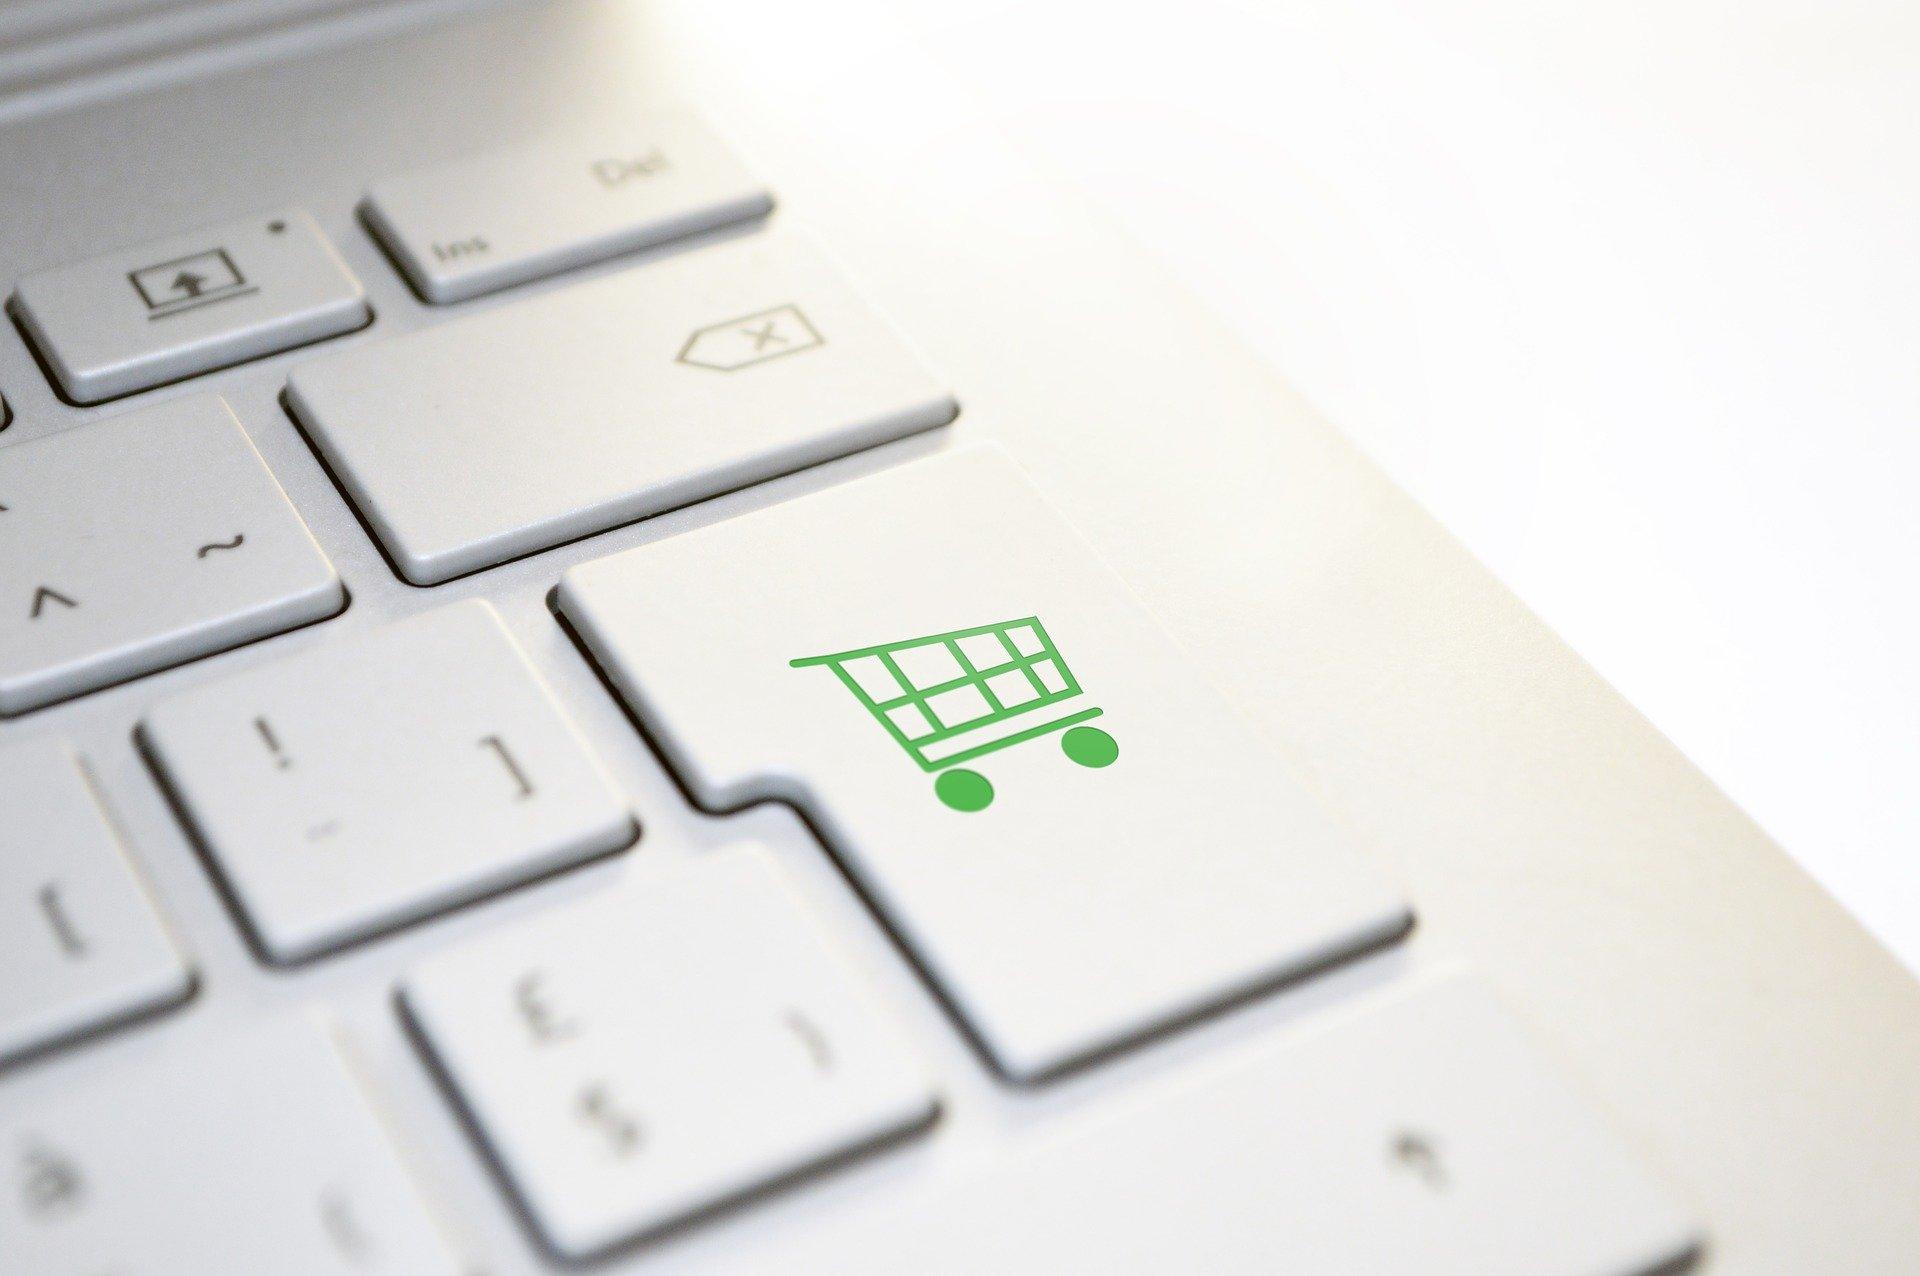 Waar let je op tijdens de aankoop van een refurbished laptop?